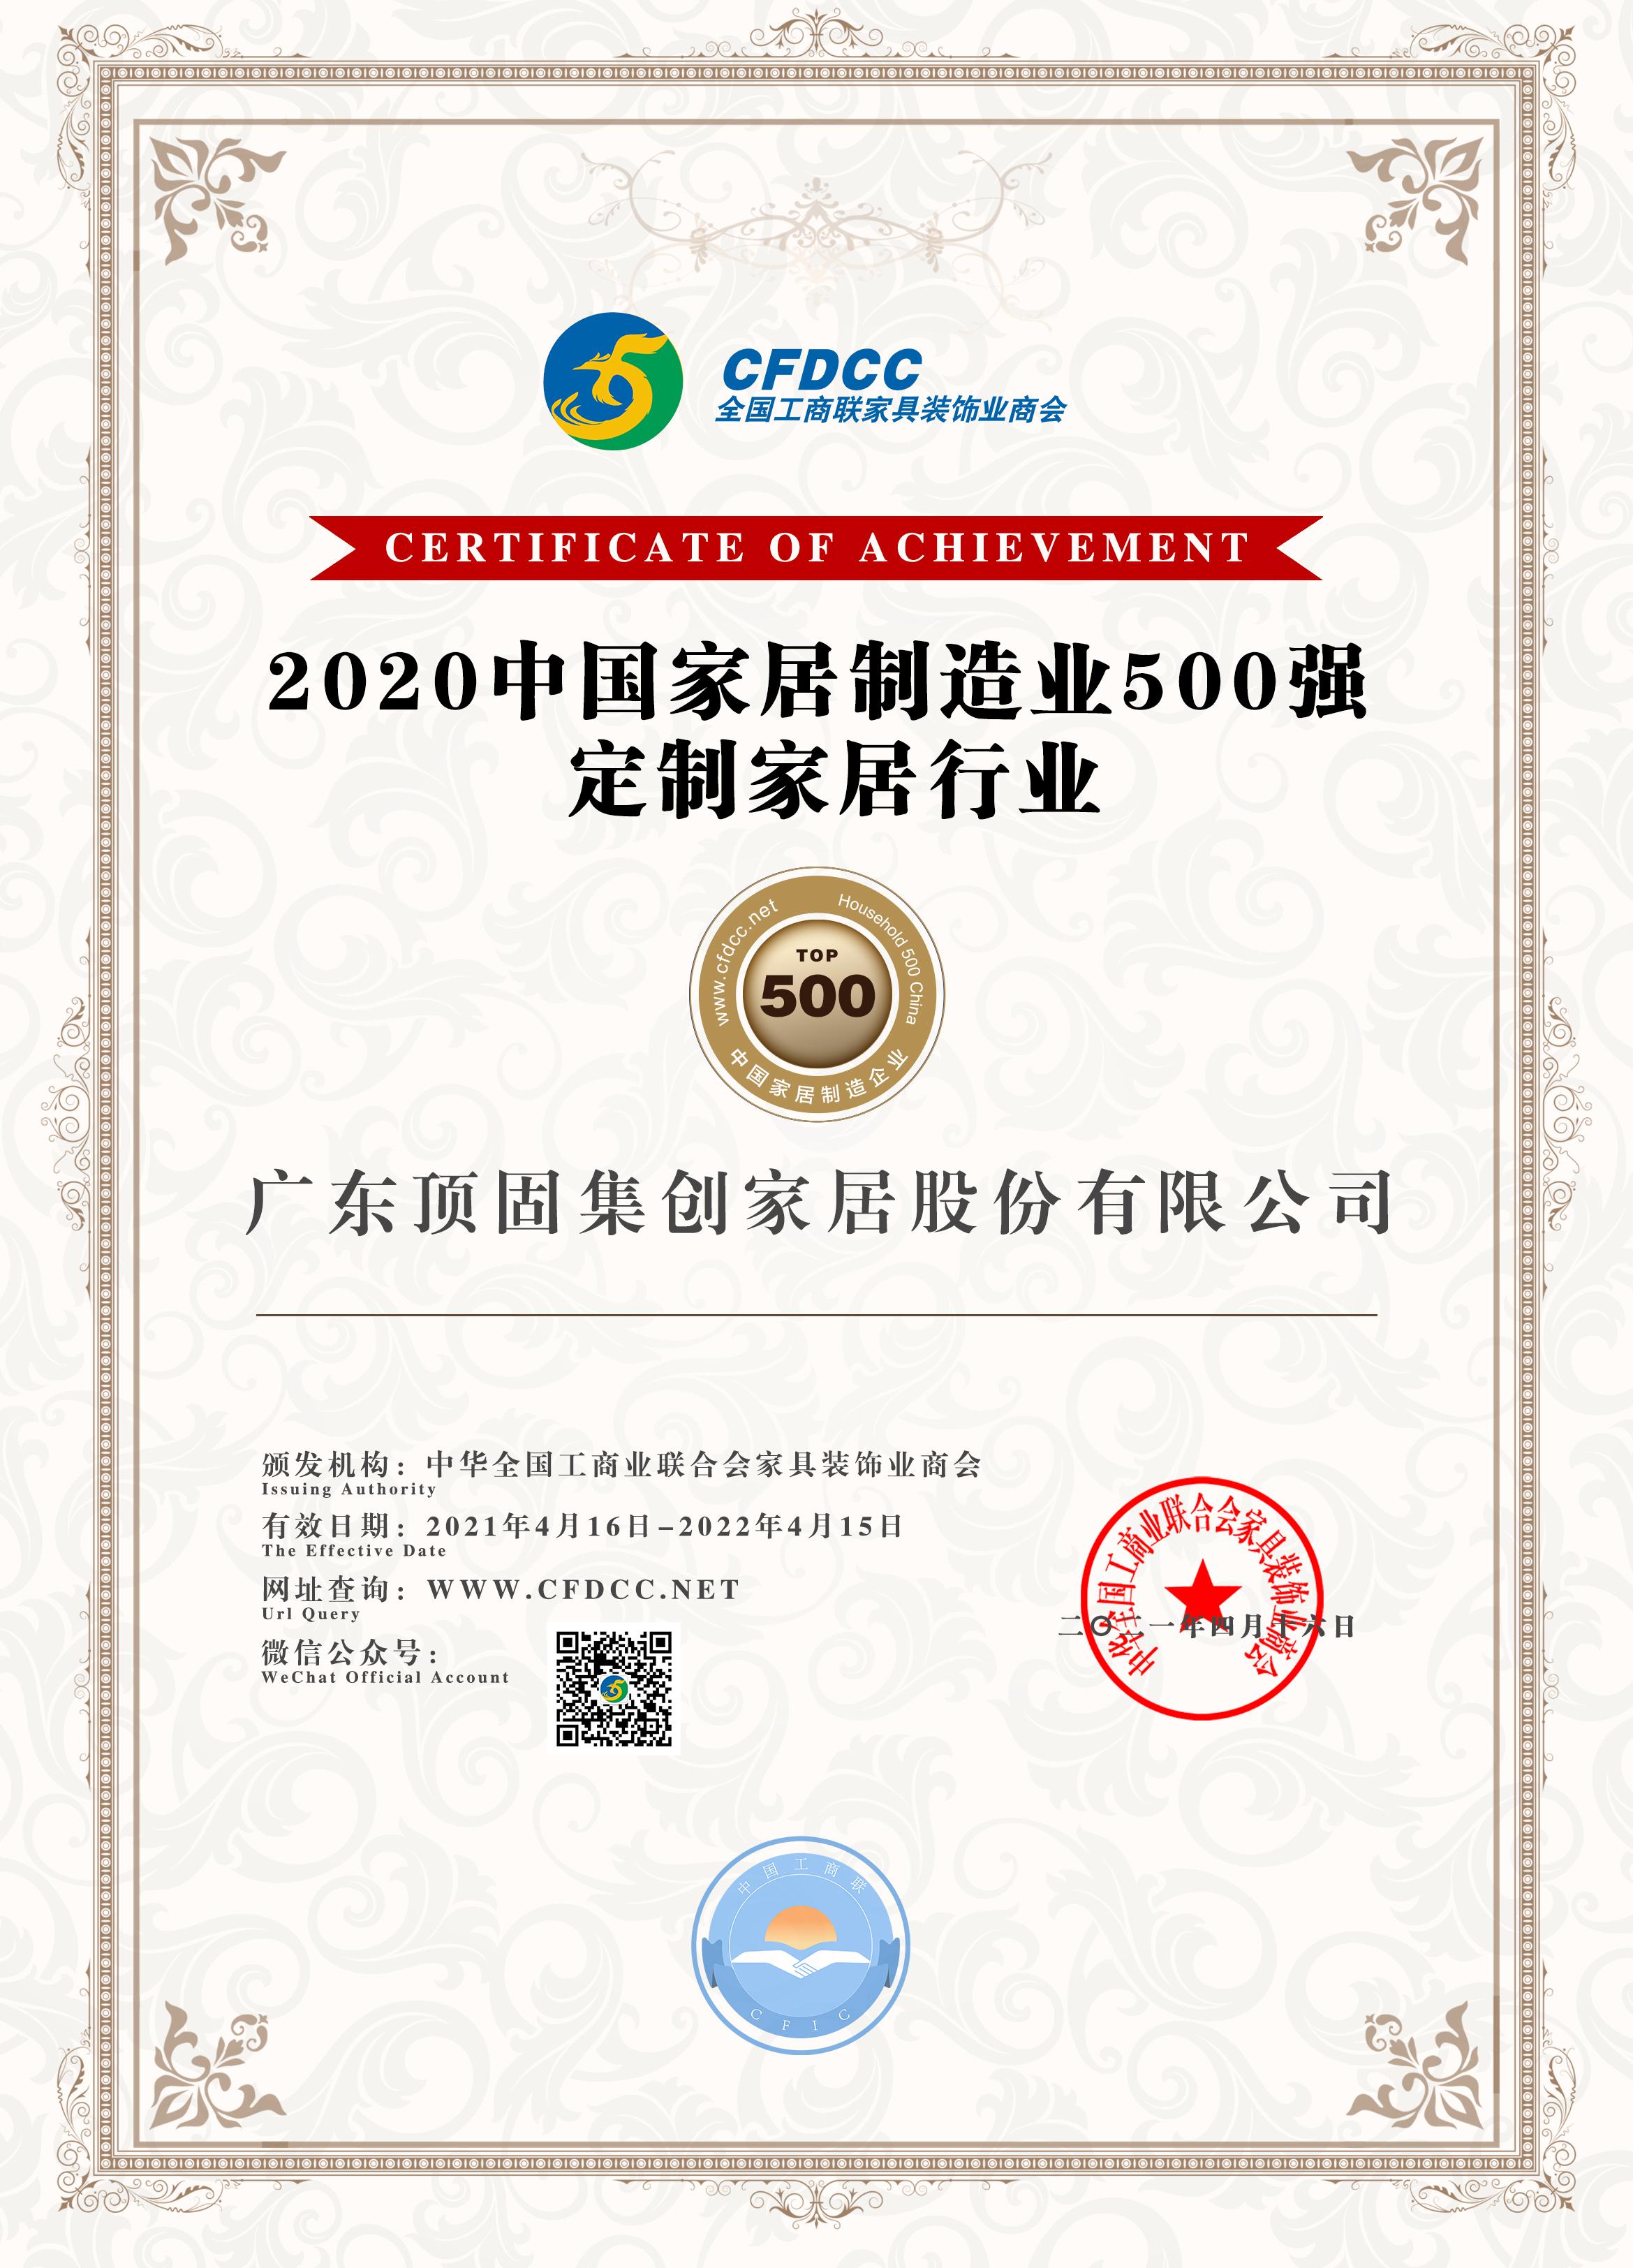 2020中国家居制造业500强 定制家居类Top10